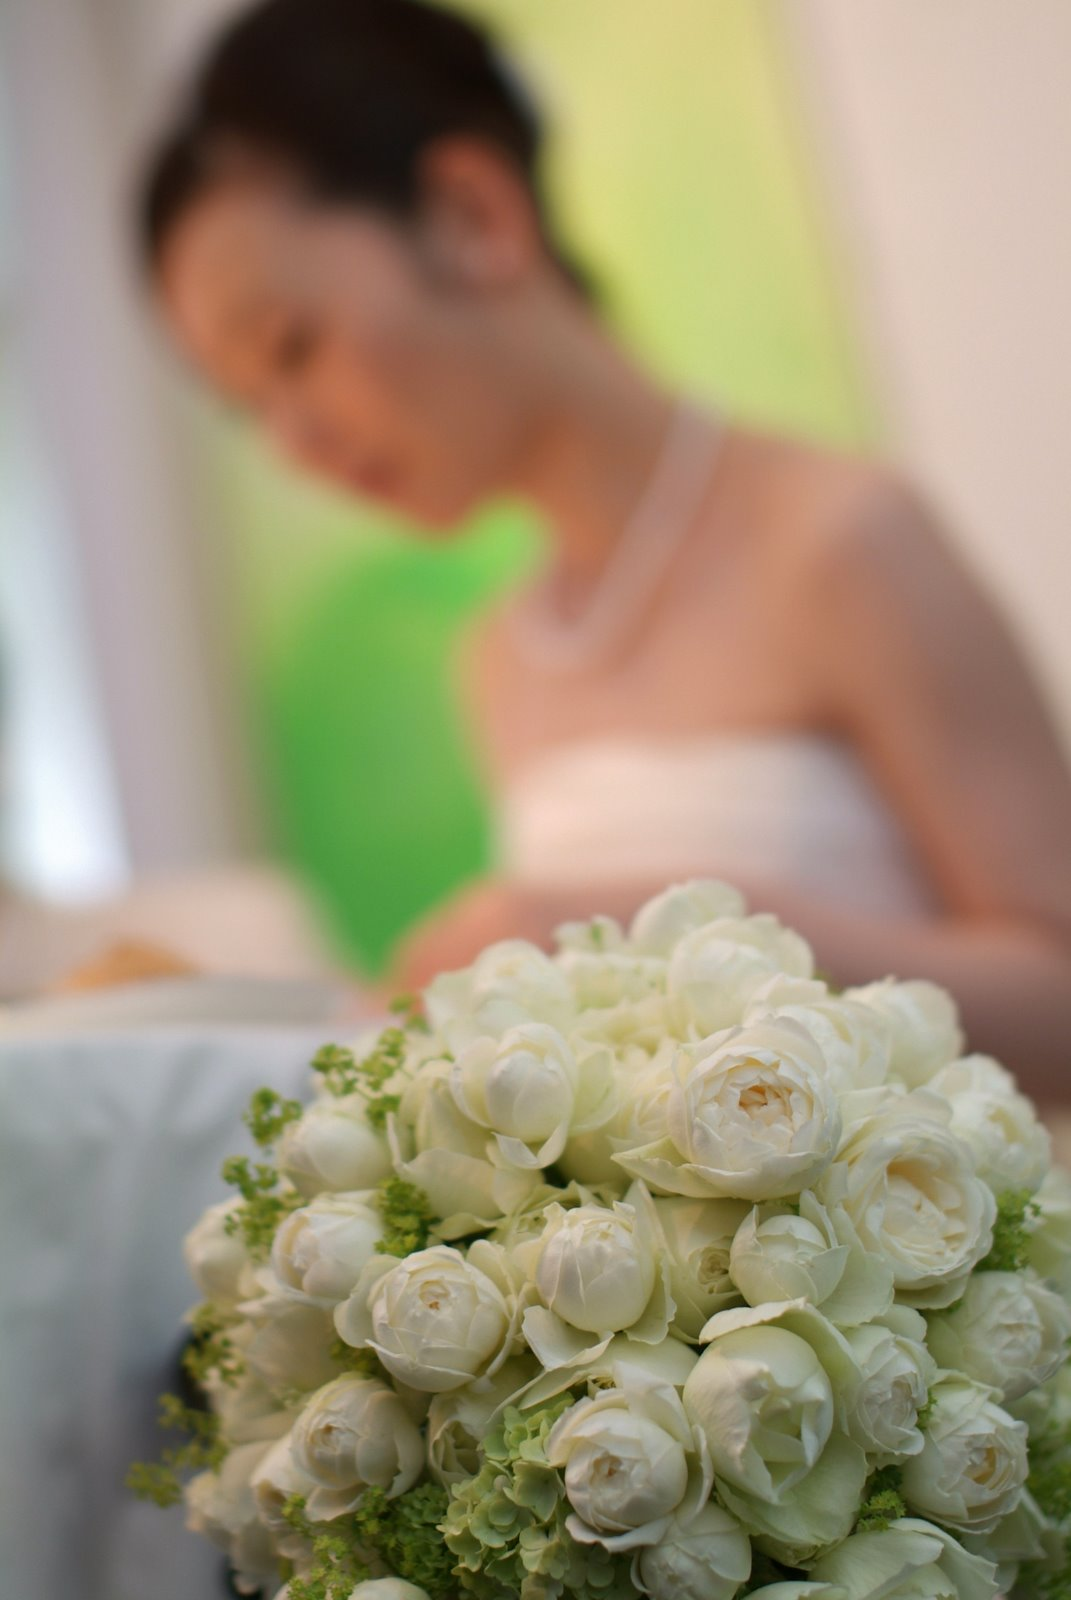 新郎新婦様からのメール バラとブーツとダイヤモンド オテル・ドゥ・ミクニ様へ_a0042928_23482933.jpg